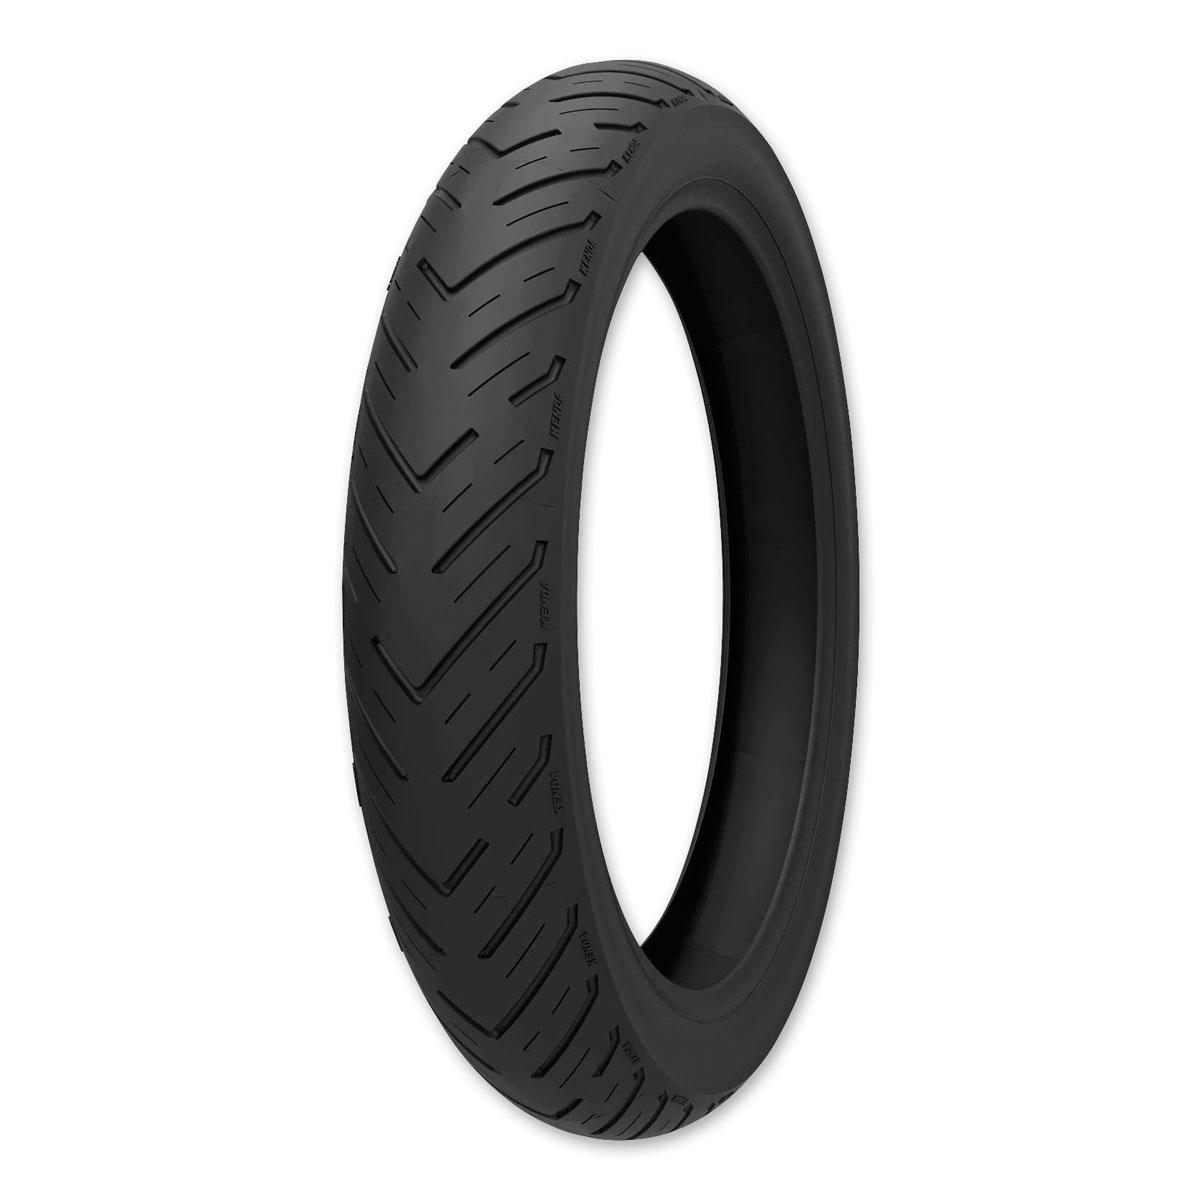 Kenda Tires K676 Retroactive 100/90-19 Front Tire